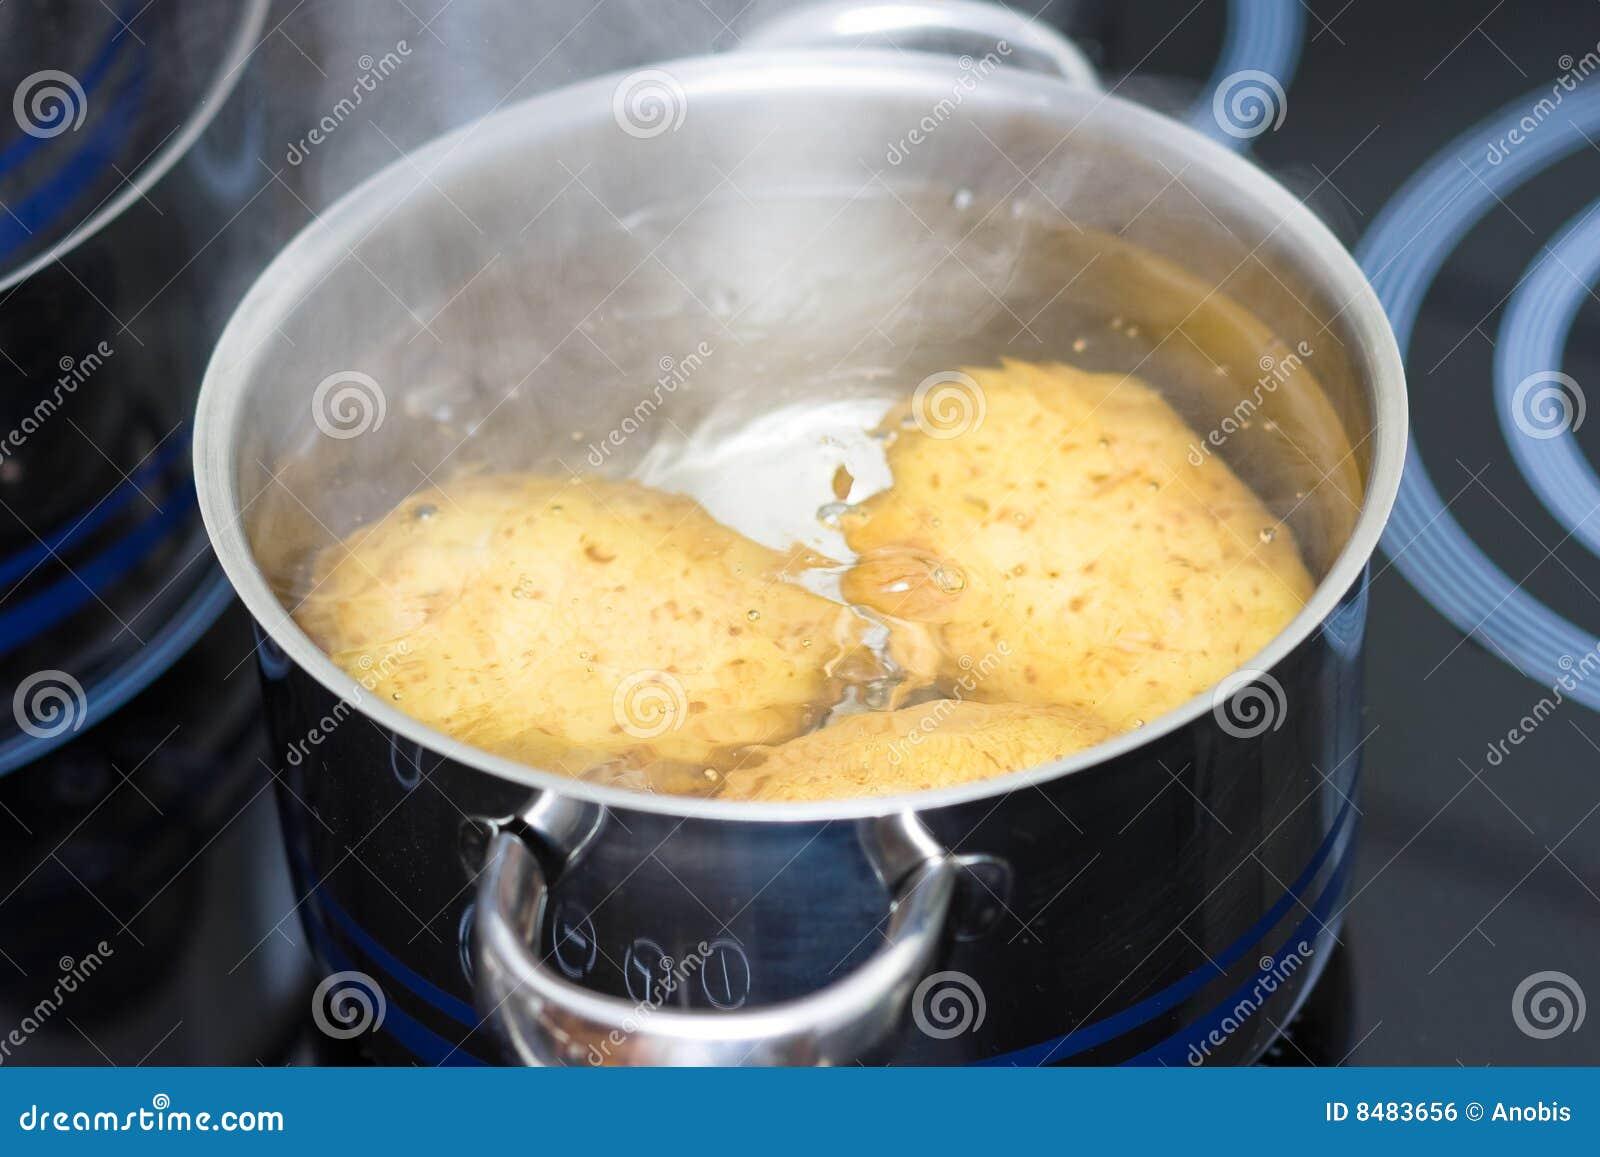 Kochen im Wasser